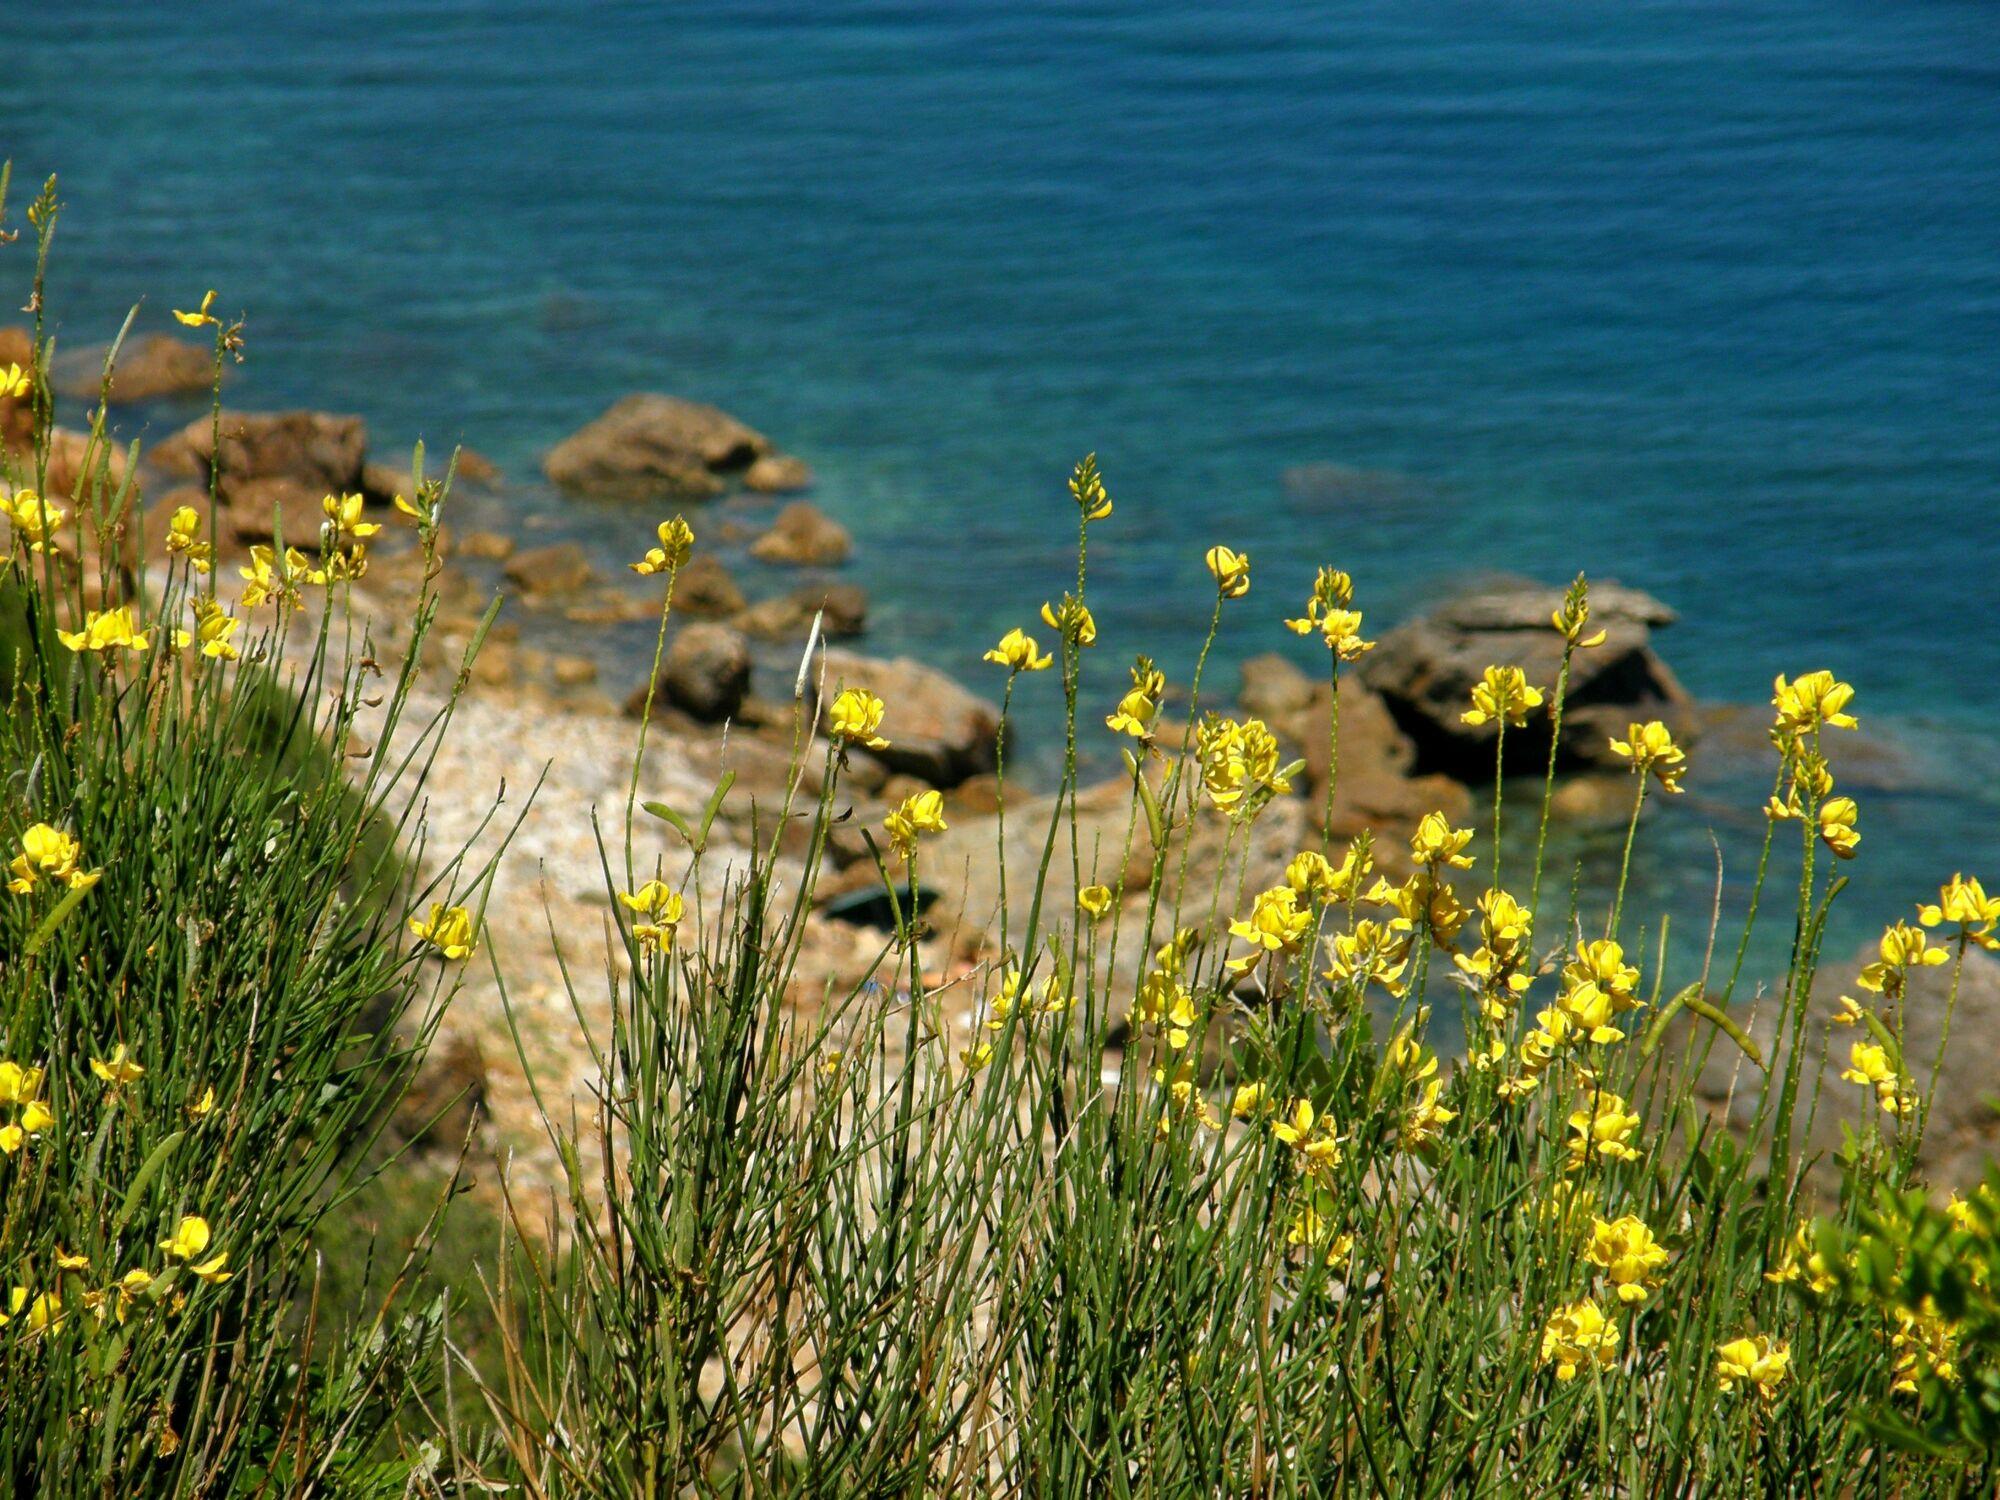 Bild mit Natur, Blumen, Strände, Italien, Strand, Meerblick, Meer, Sehnsucht nach Meer, ozean